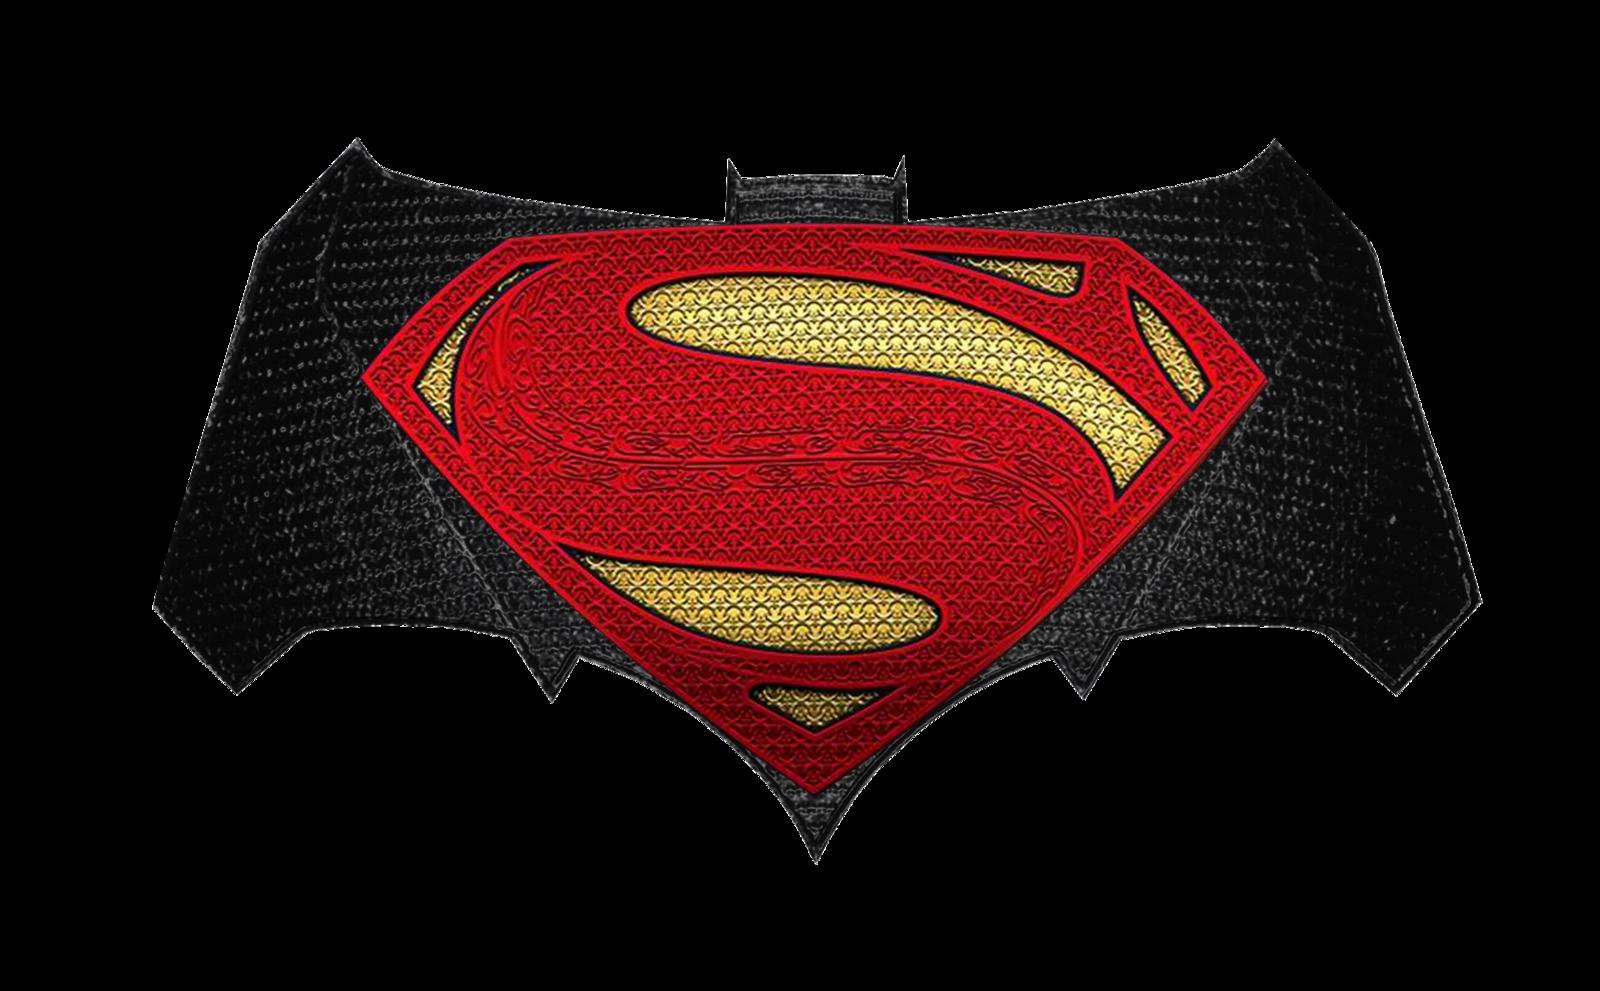 Superman chest logo clipart svg royalty free download DeviantArt: More Like Batman v Superman: Chest logos by Alexbadass svg royalty free download